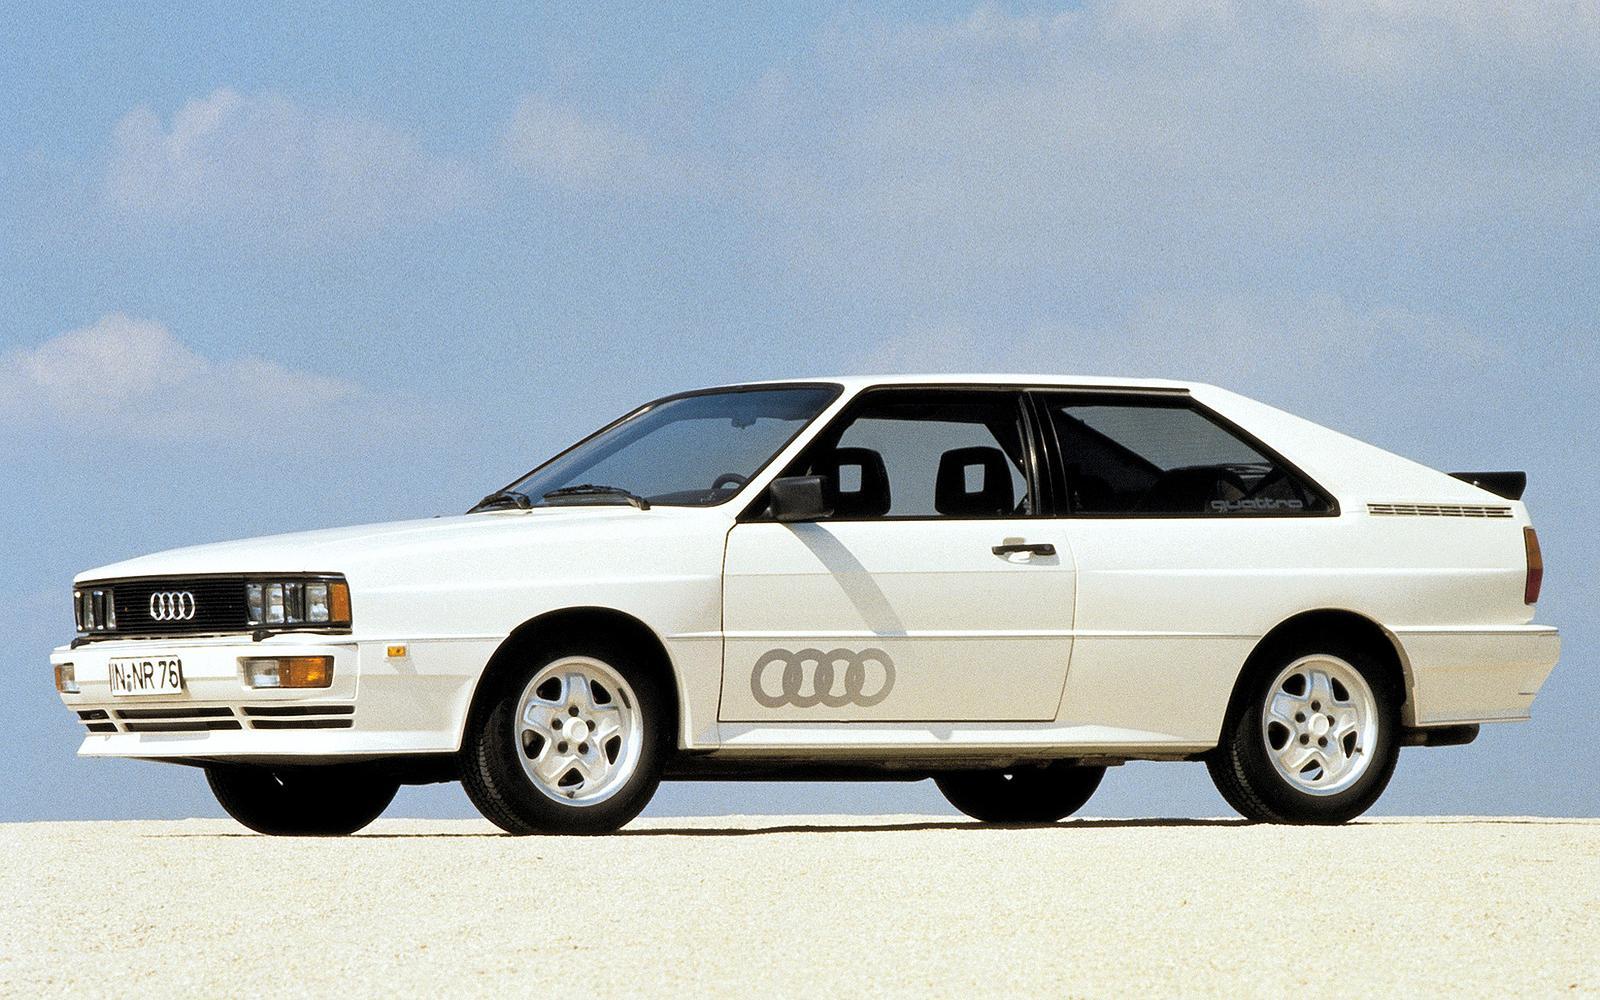 Wist jij dat de Audi Quattro een militaire afkomst heeft?